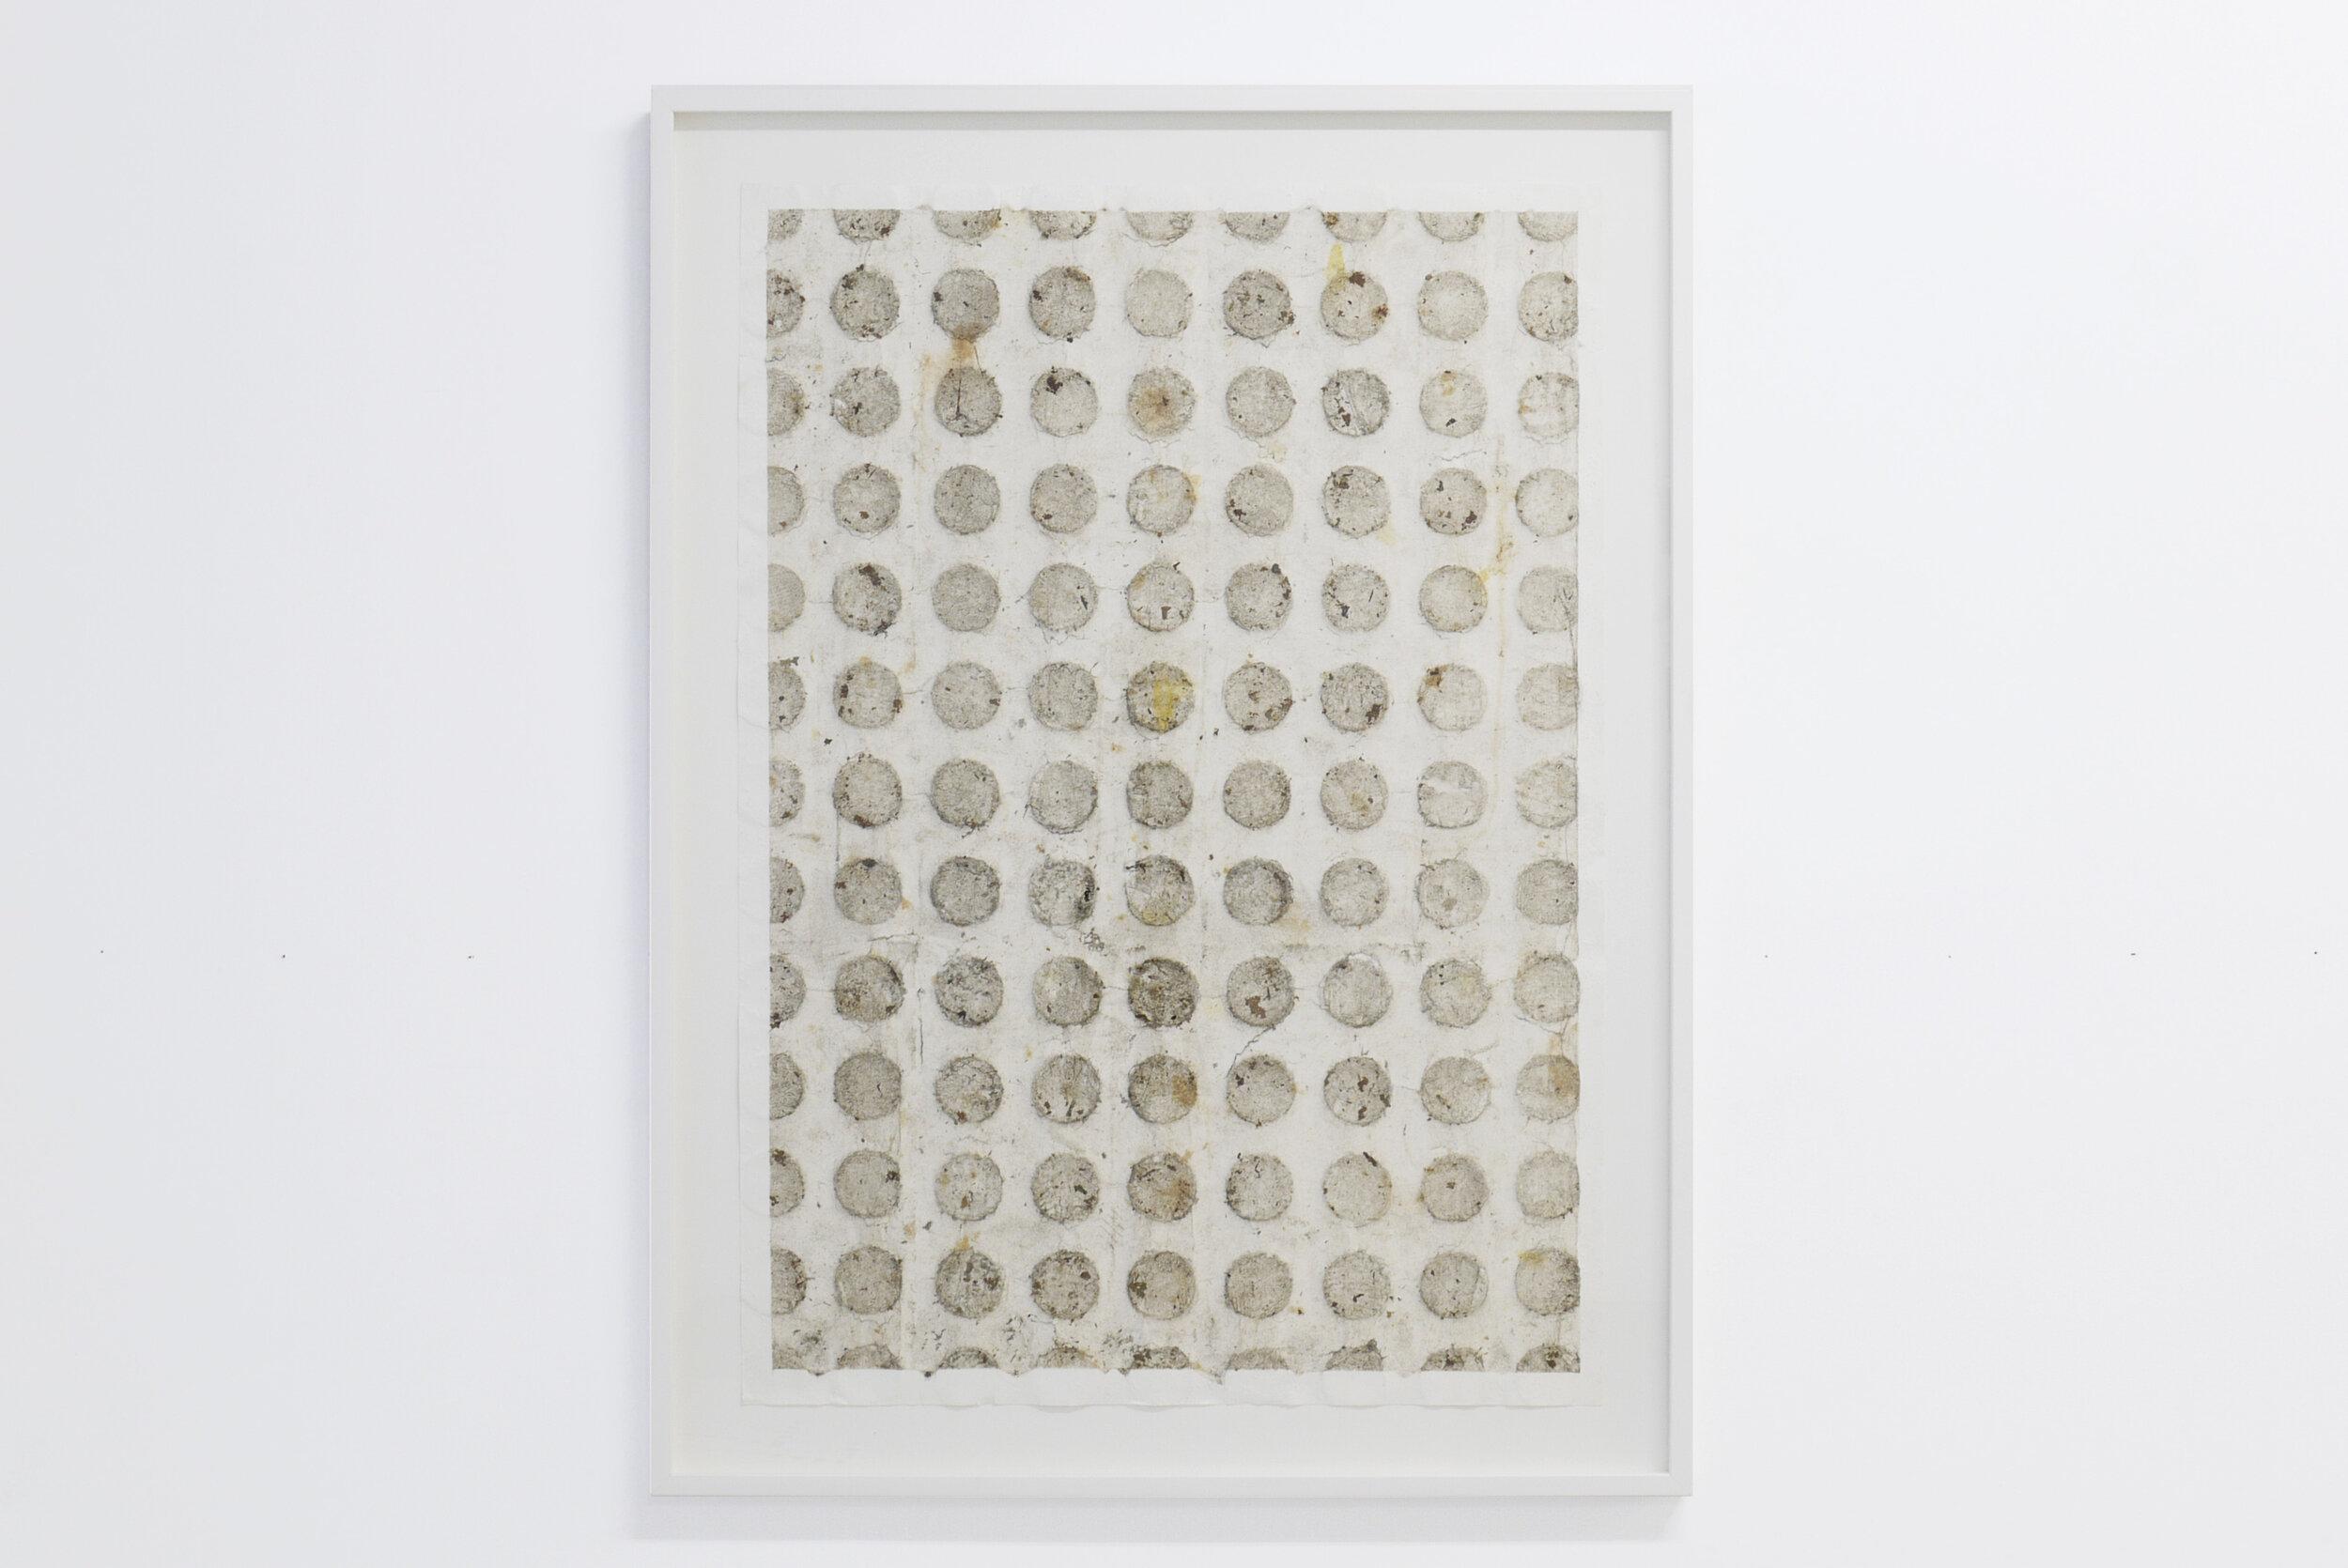 """Ignacio Pérez-Jofre, """"Suelo"""", 2019. Suciedad y erosión sobre papel. 84x59 cm"""